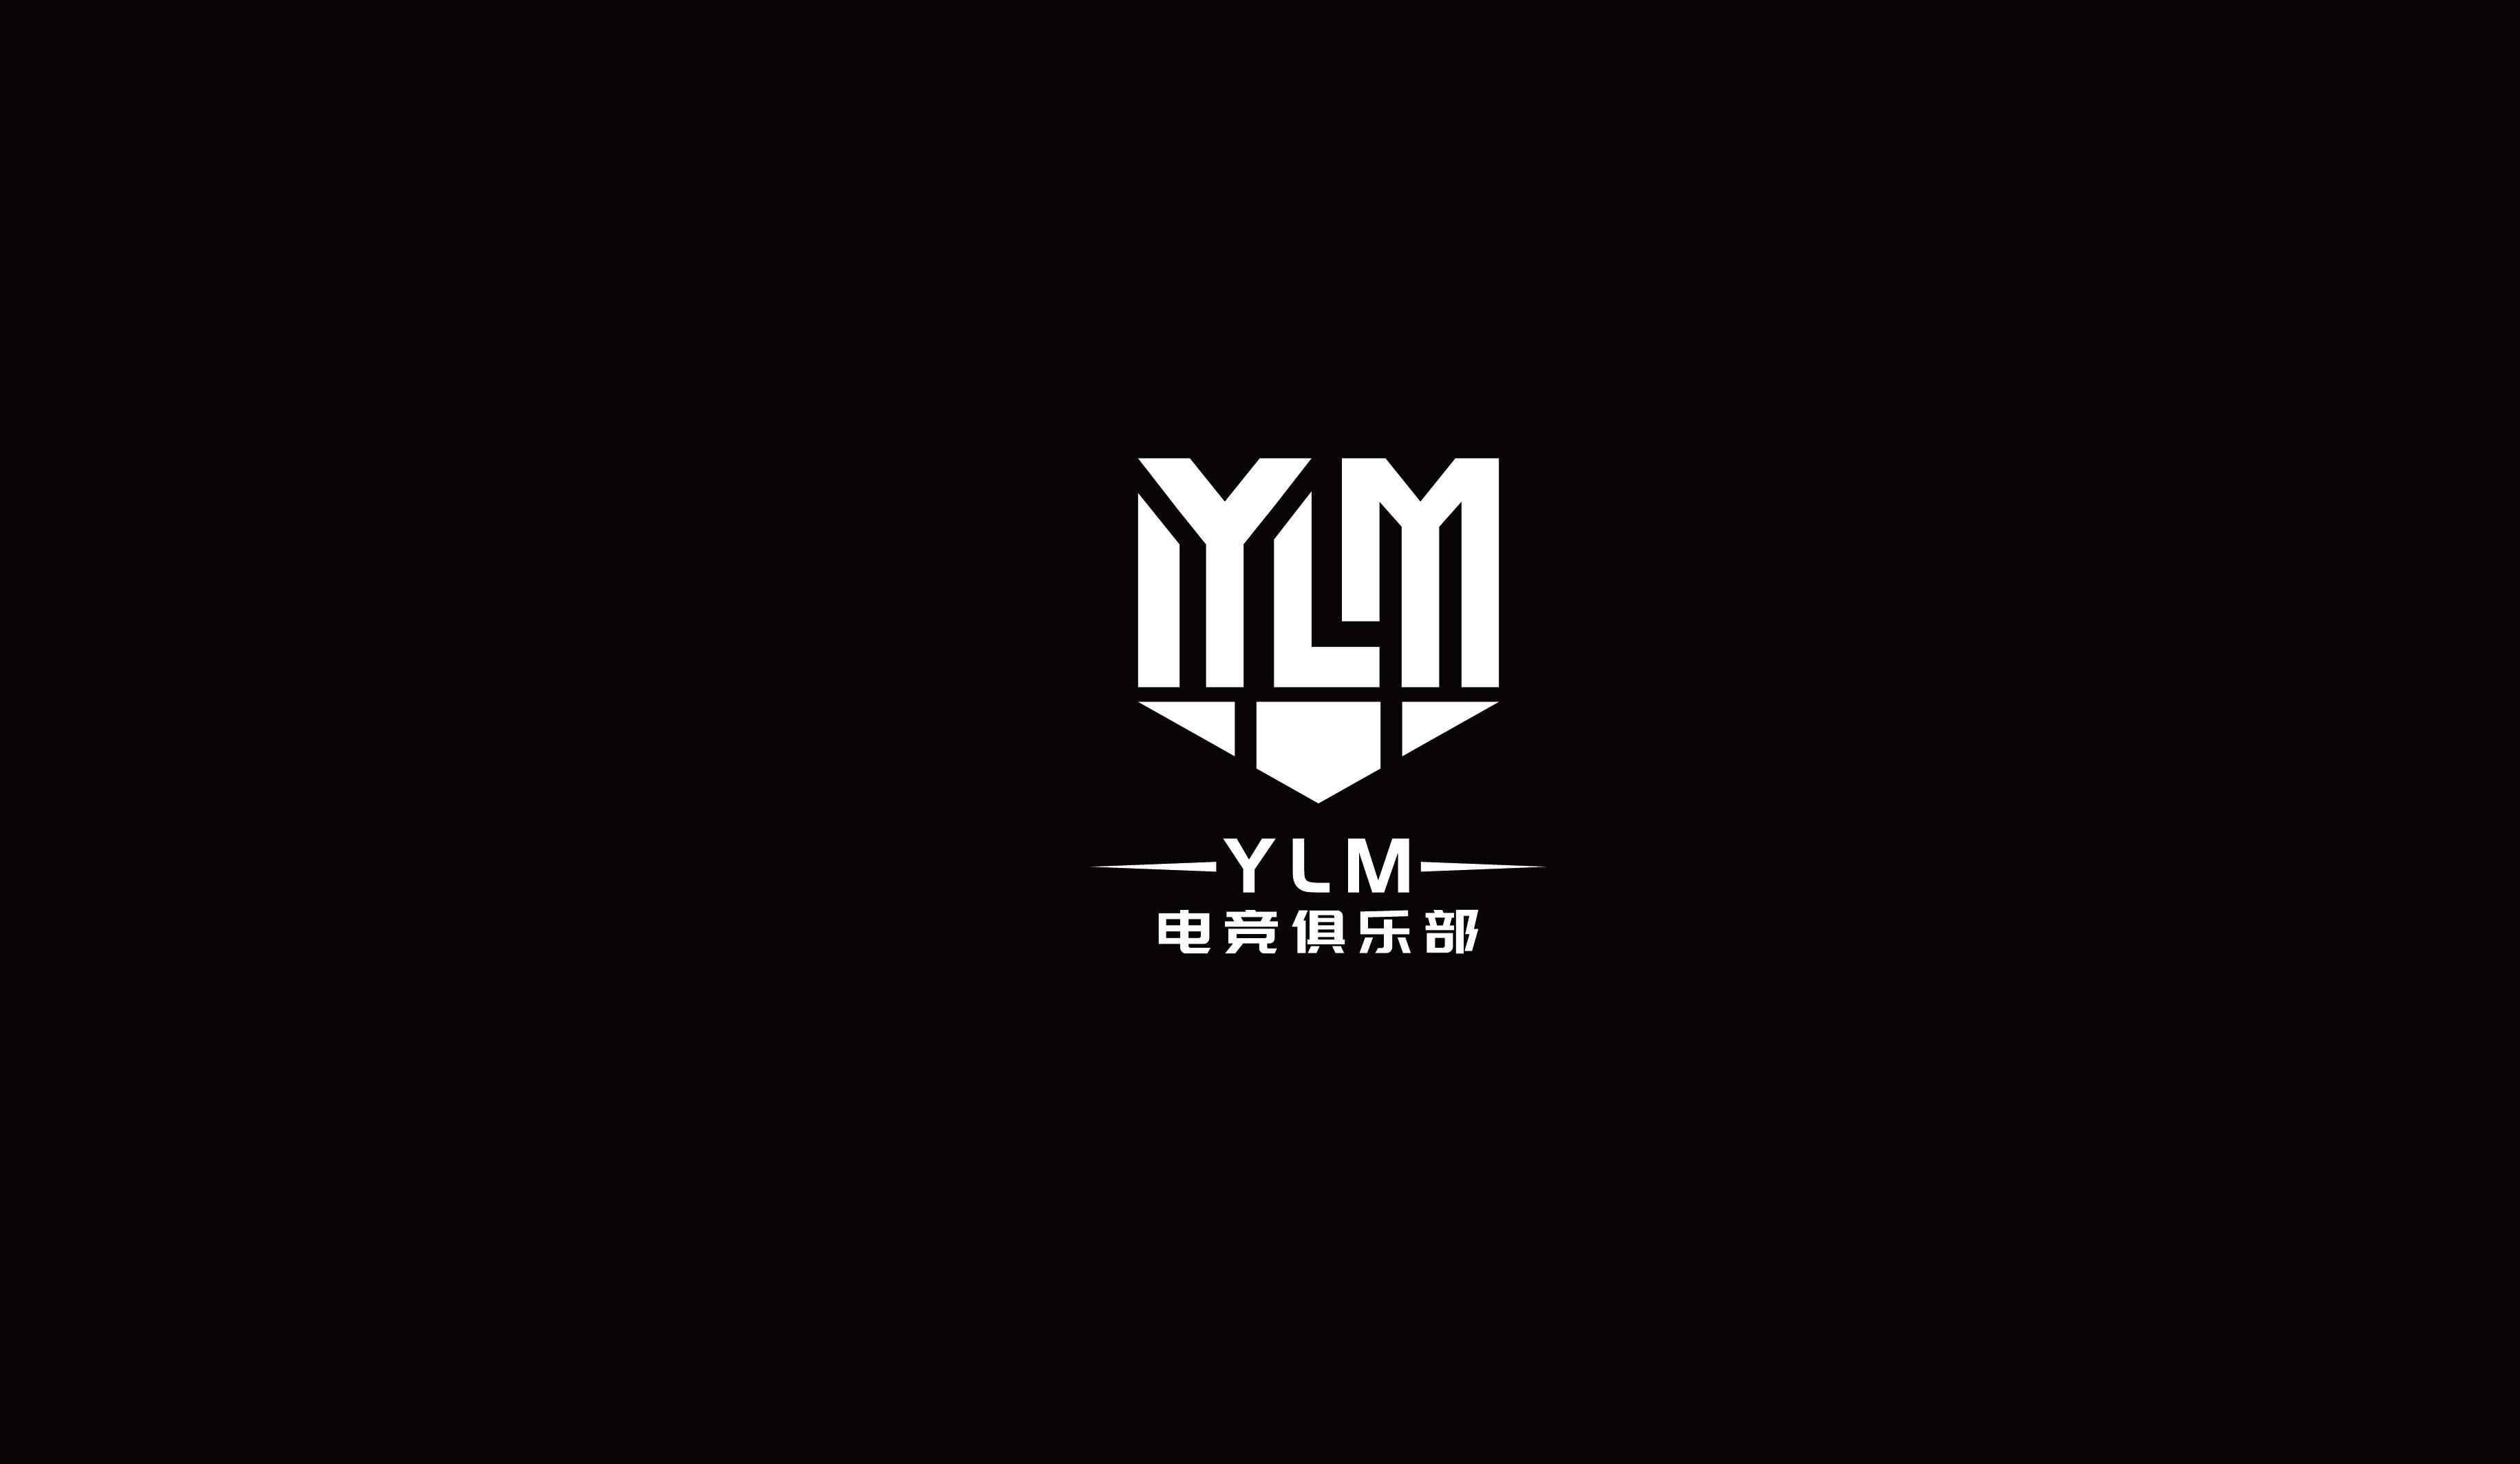 YLM电竞俱乐部电竞类LOGO设计